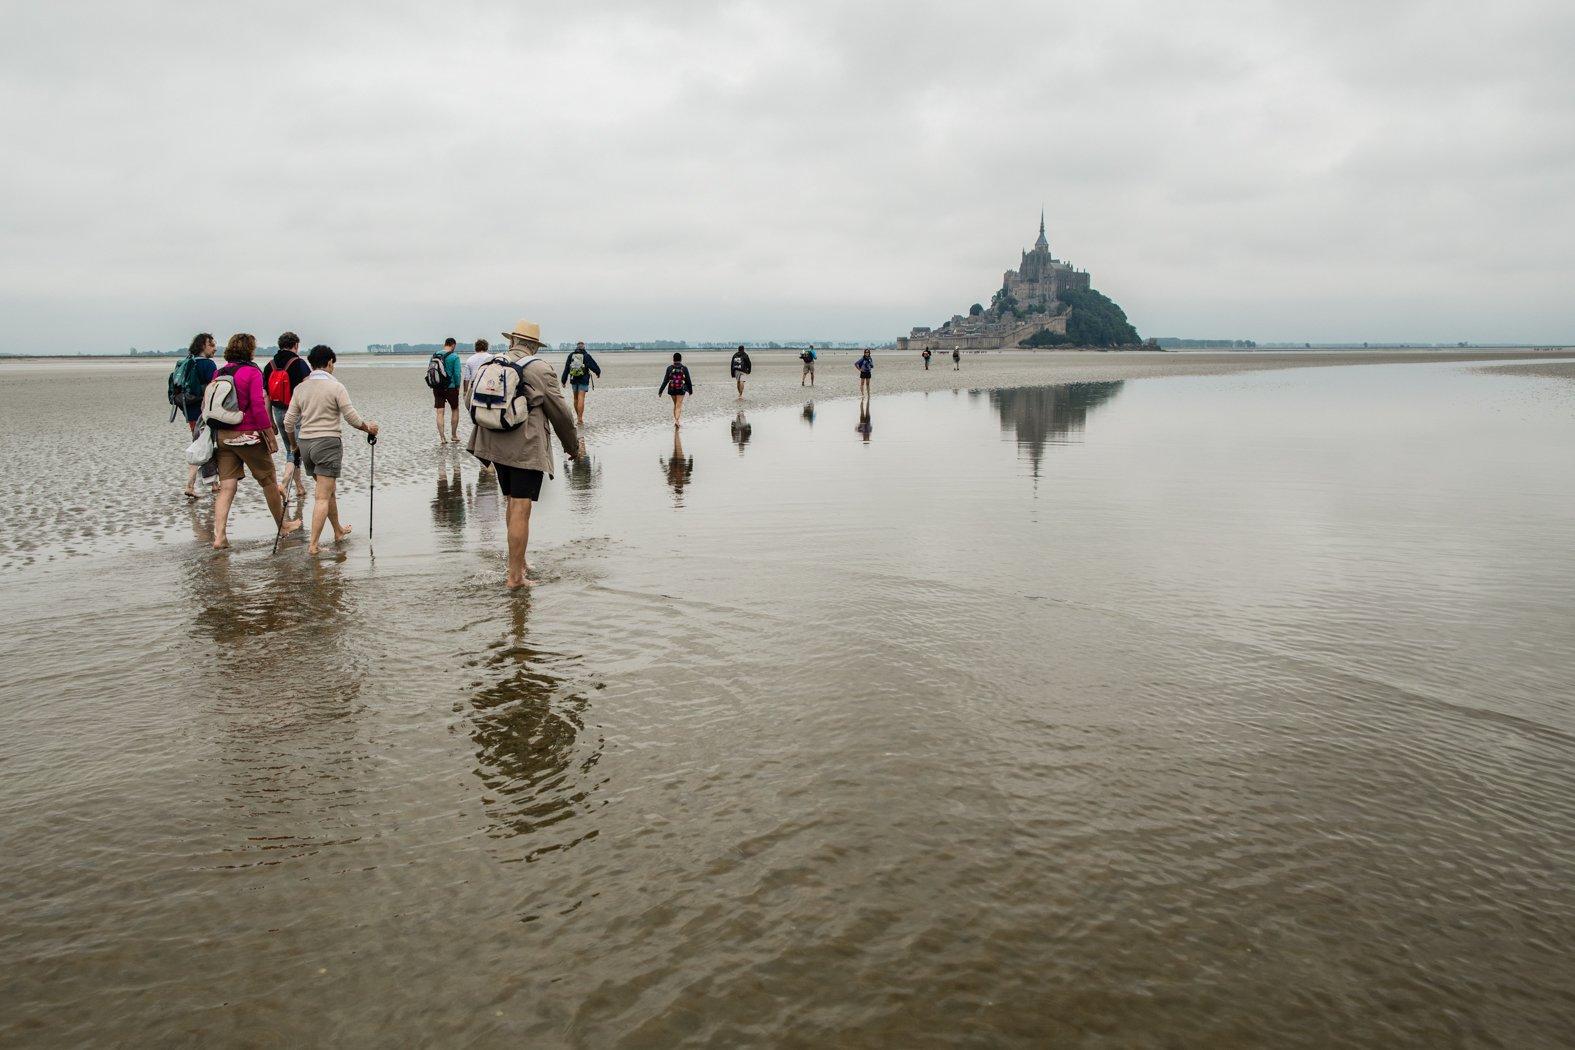 Пешком через залив в Мон-Сен-Мишель